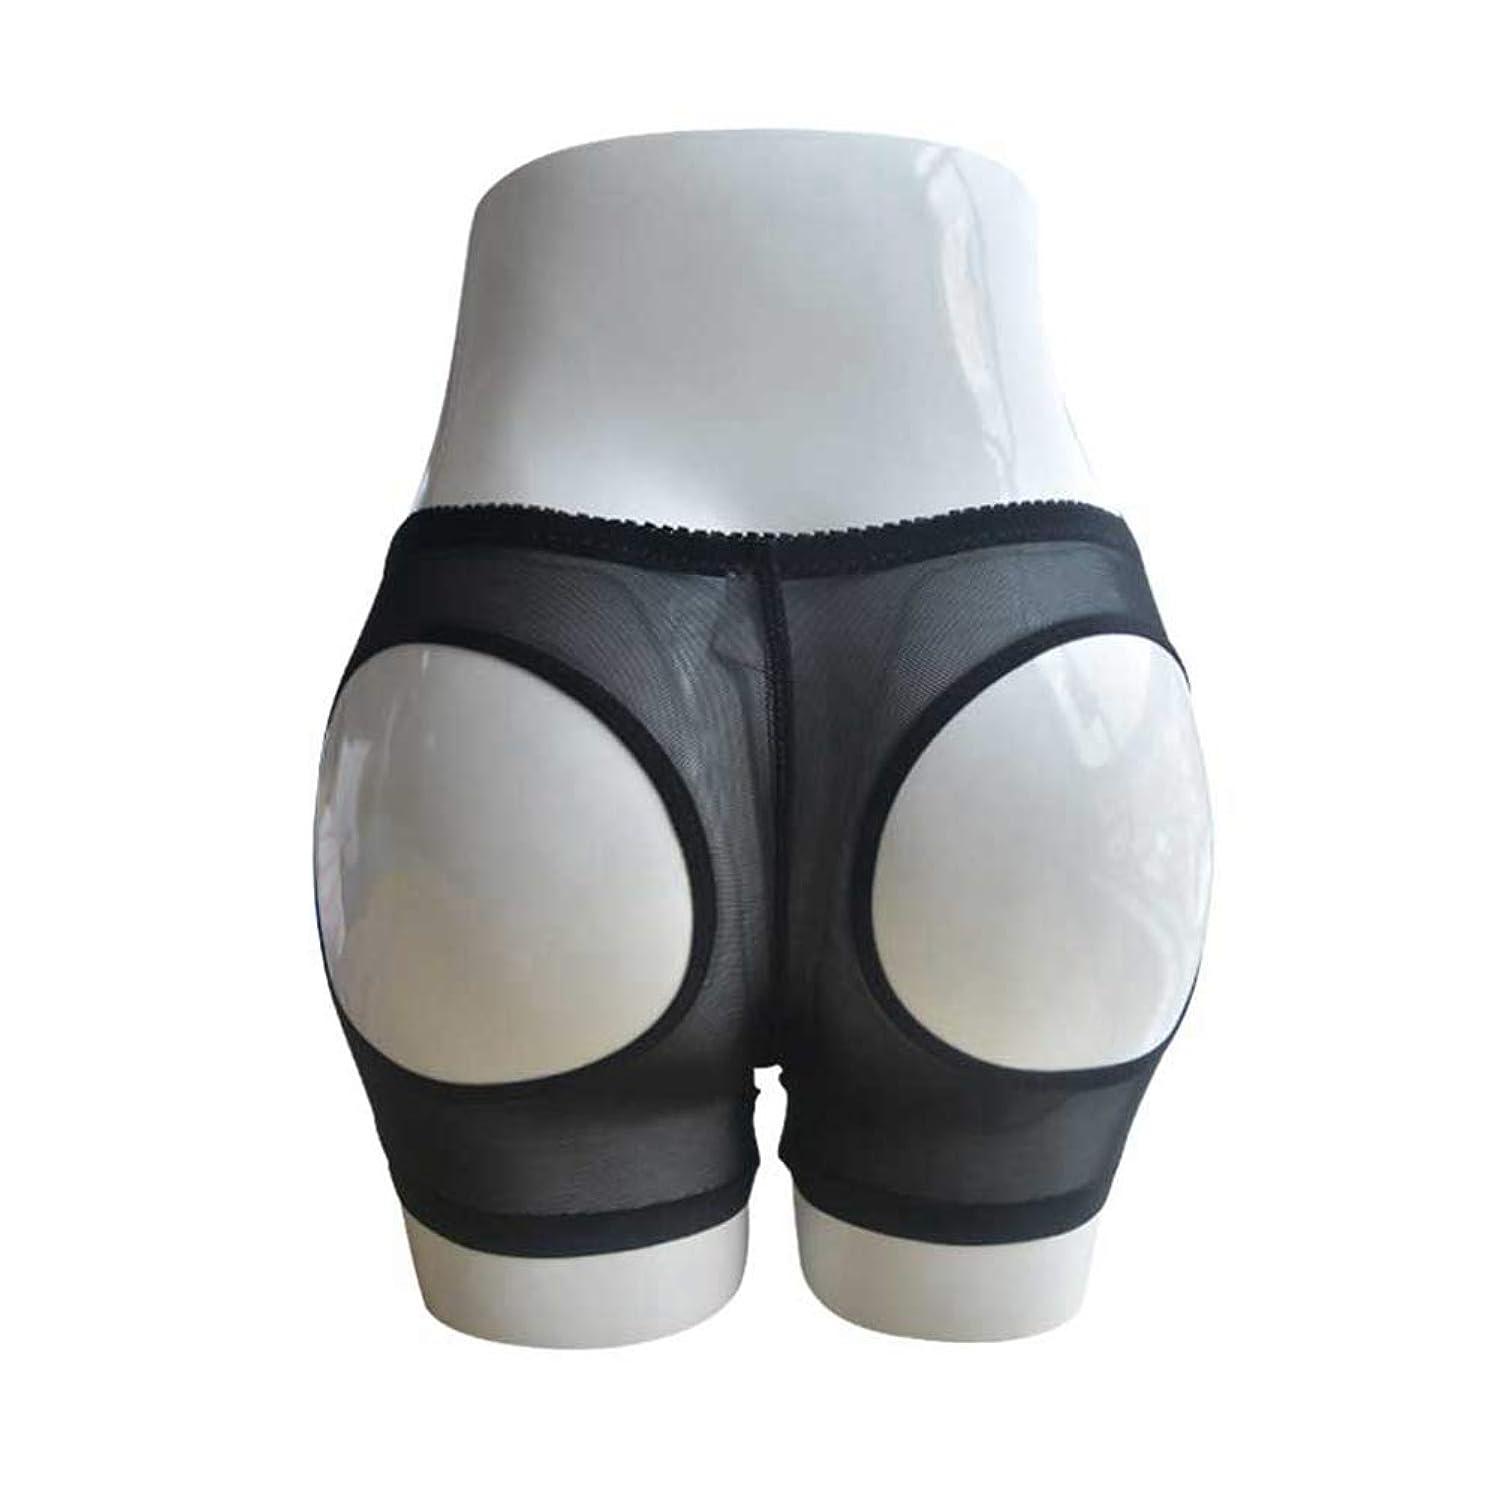 Fashion Hot Body Shaper Butt Lifter Enhancer Bodysuit Waist Trainer Control Panties